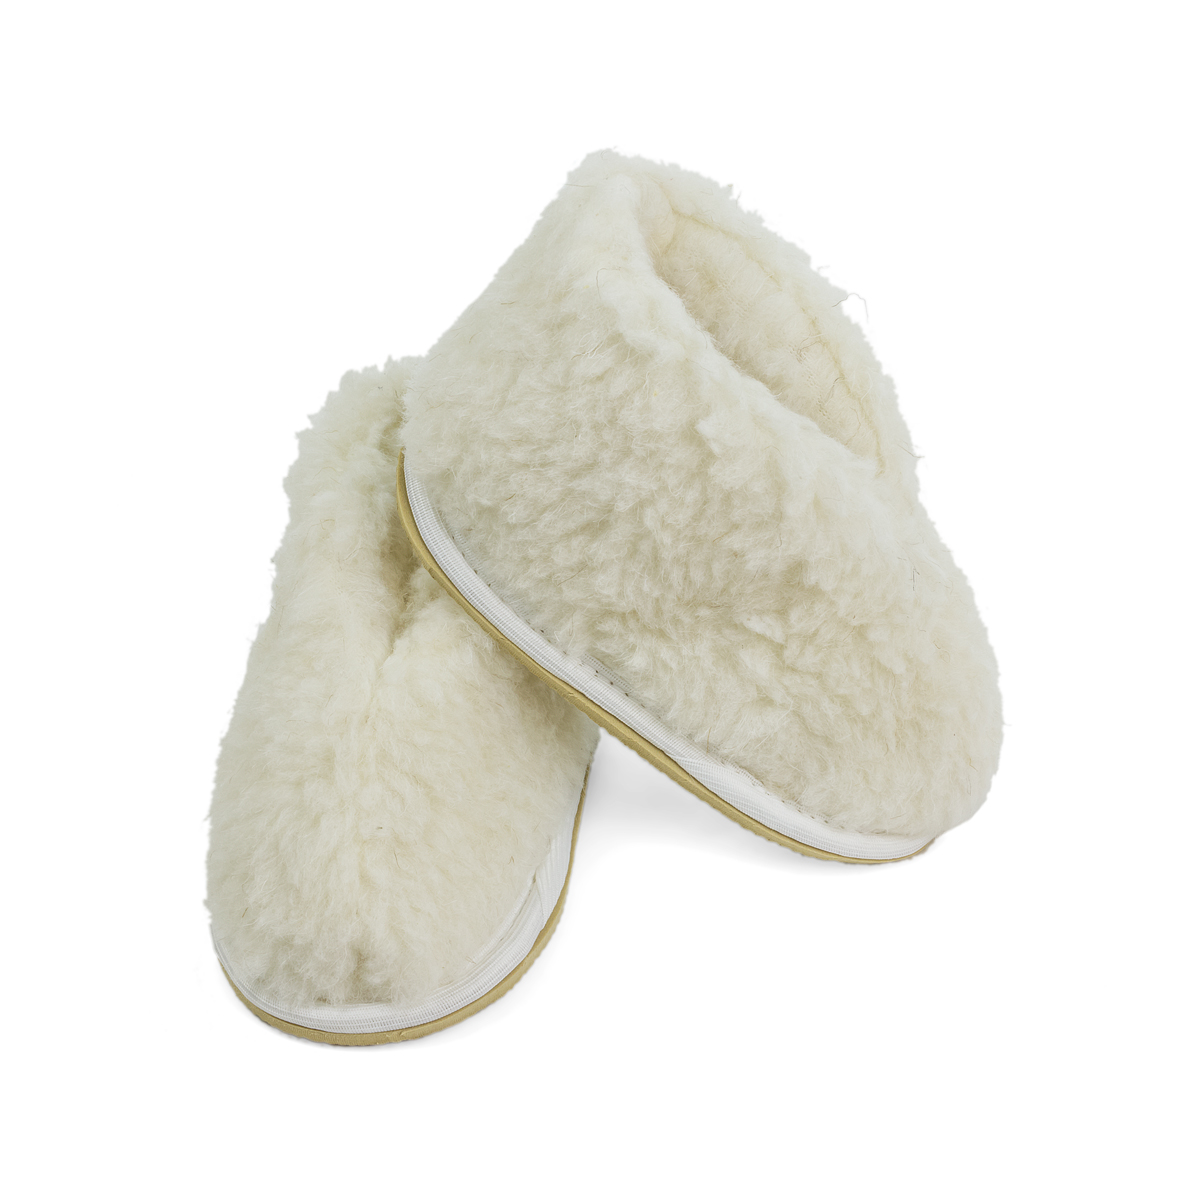 Обувь Бабуши Уют Детские Бежевый р. 30-31Аксессуары и обувь<br><br><br>Тип: Обувь<br>Размер: 30-31<br>Материал: Овечья шерсть